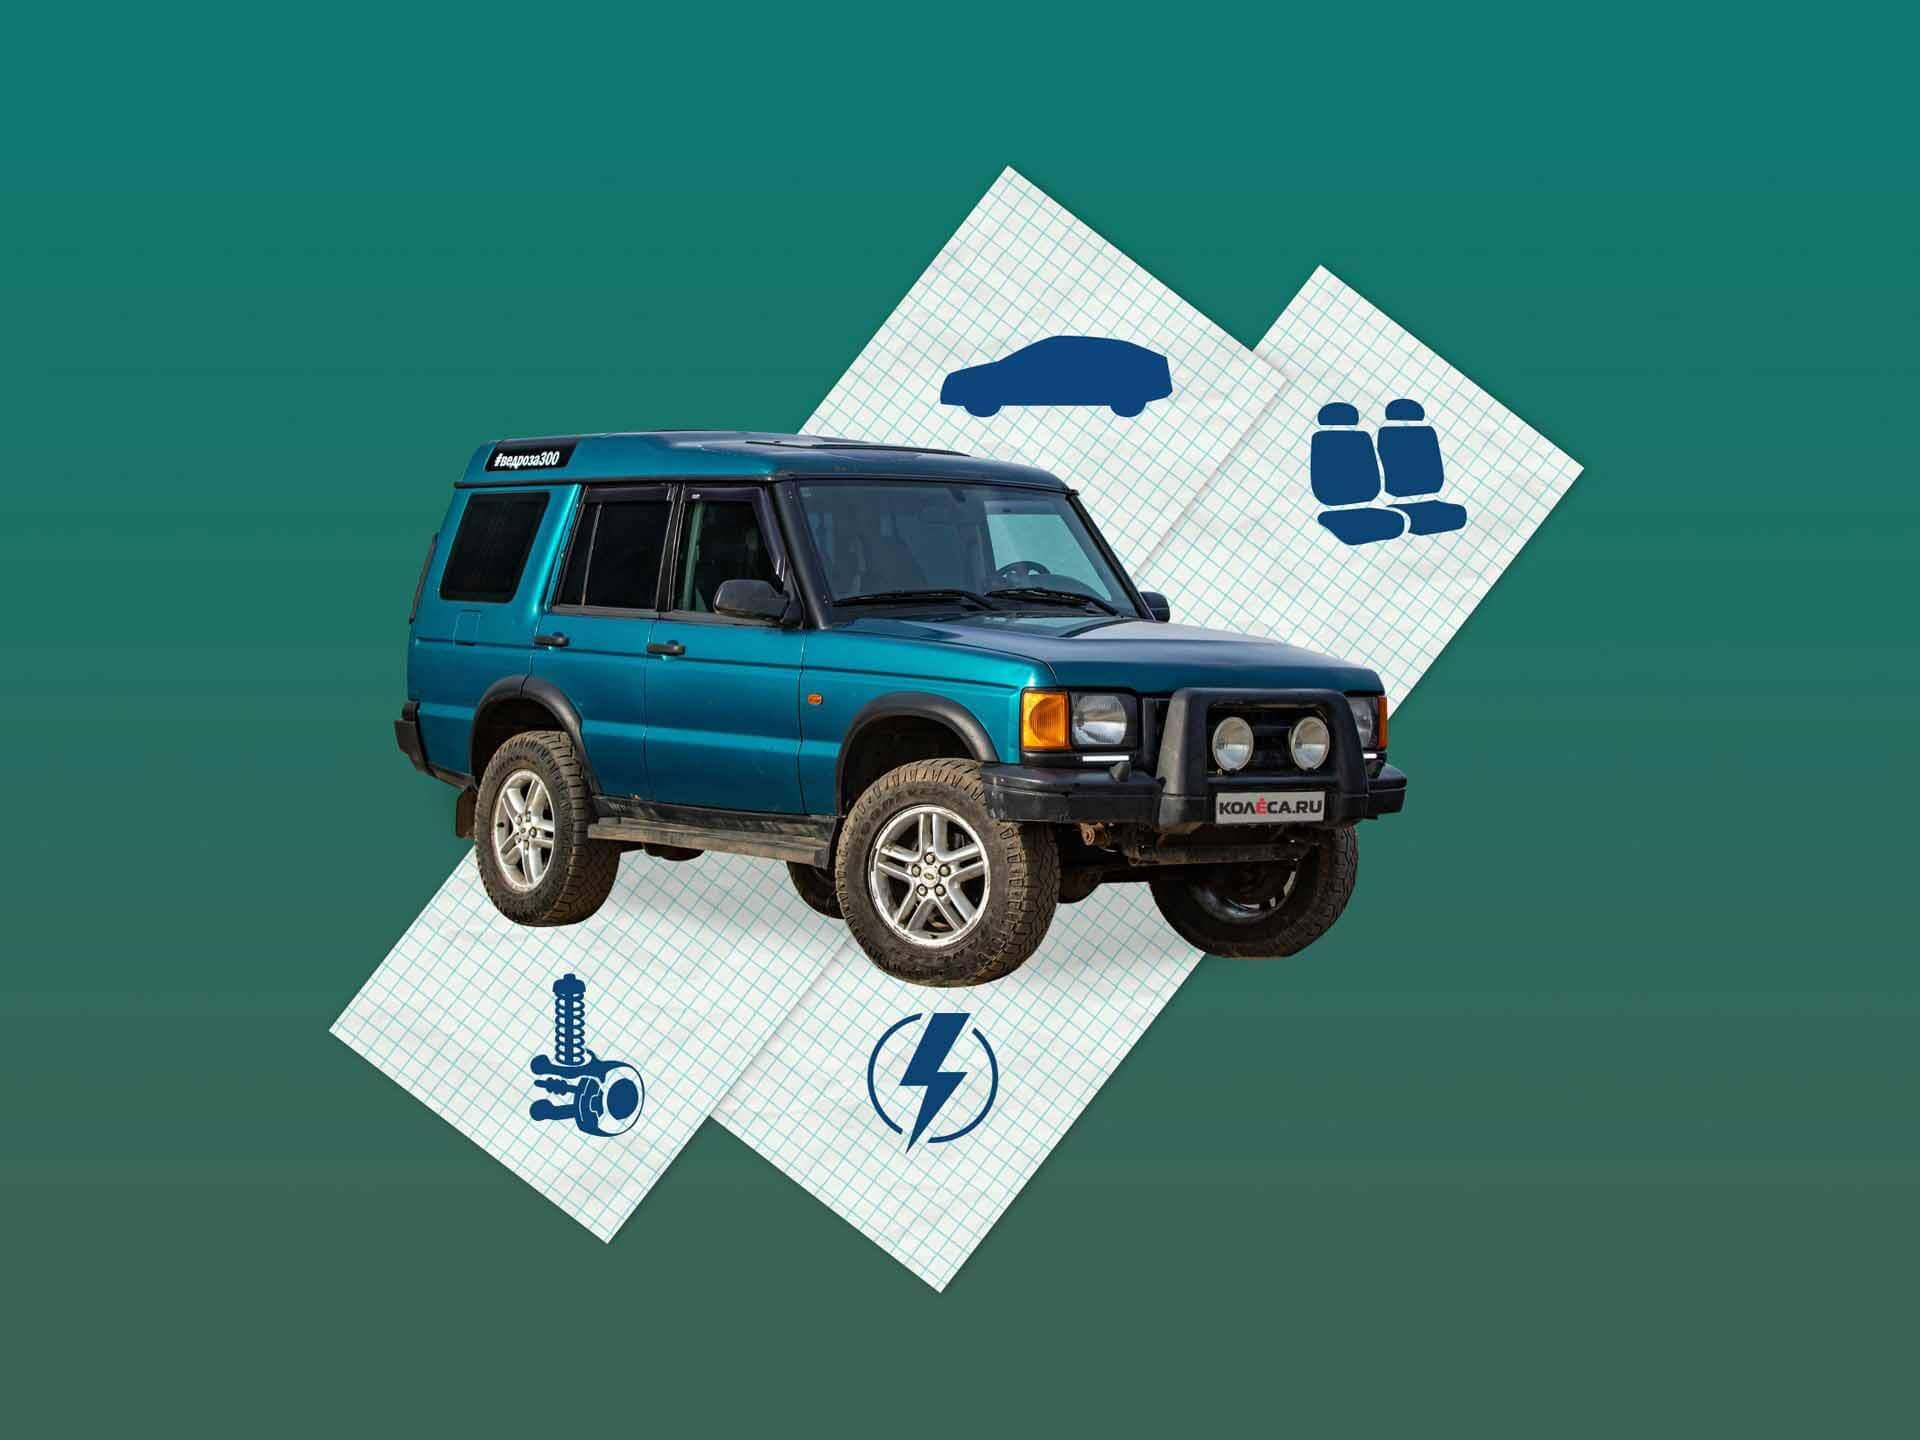 Ленд Ровер Дискавери 2 с пробегом: кузов, рама, салон